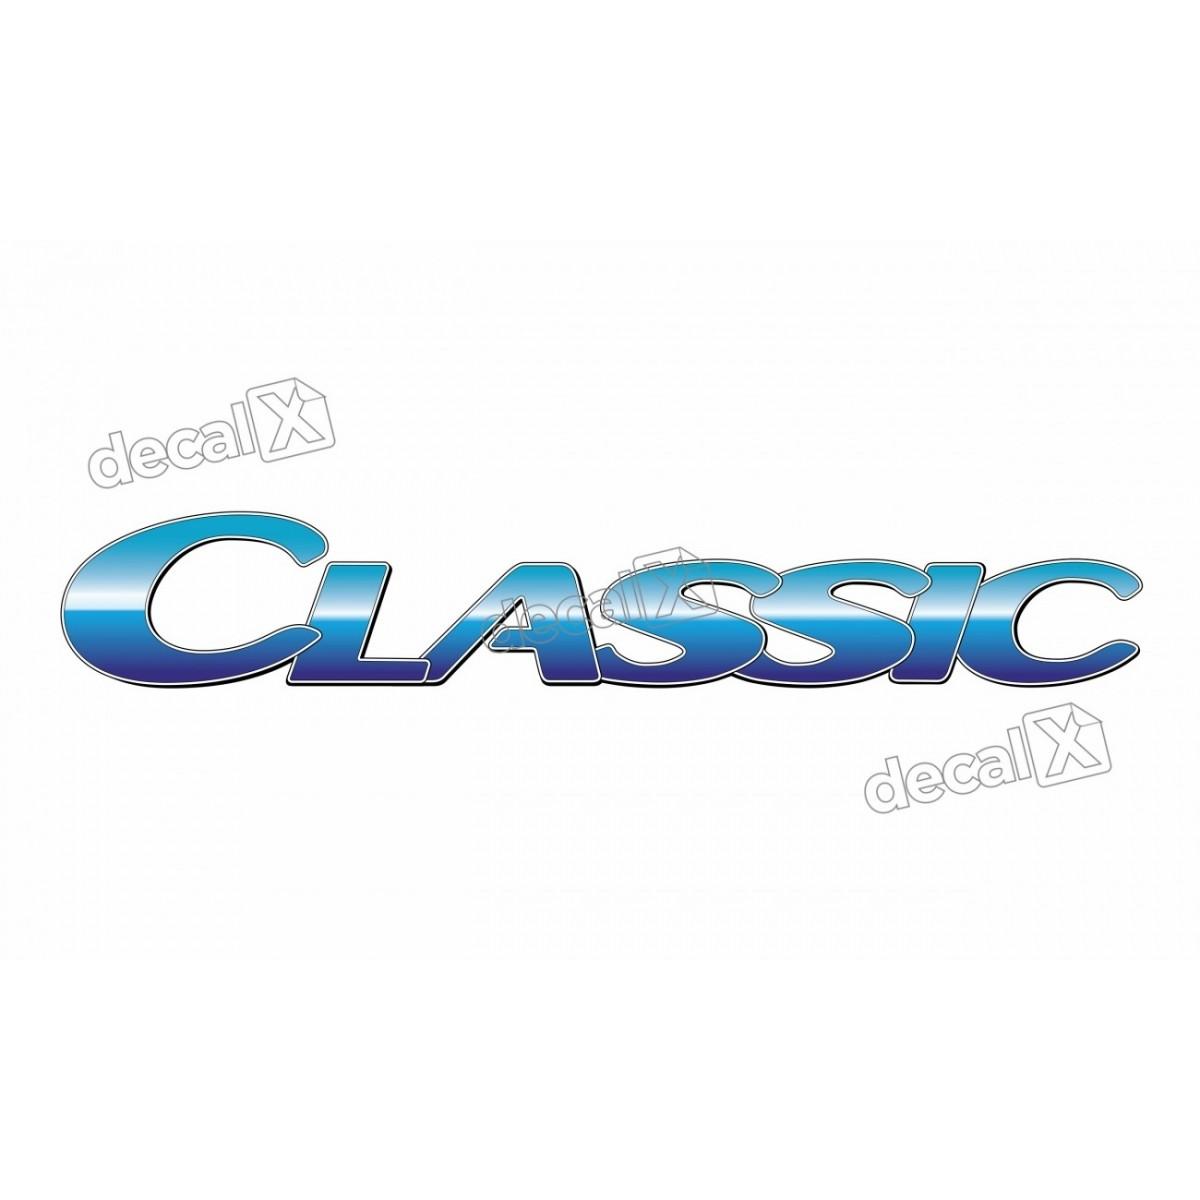 Adesivo Emblema Resinado Mercedes Classic Cm92 Decalx